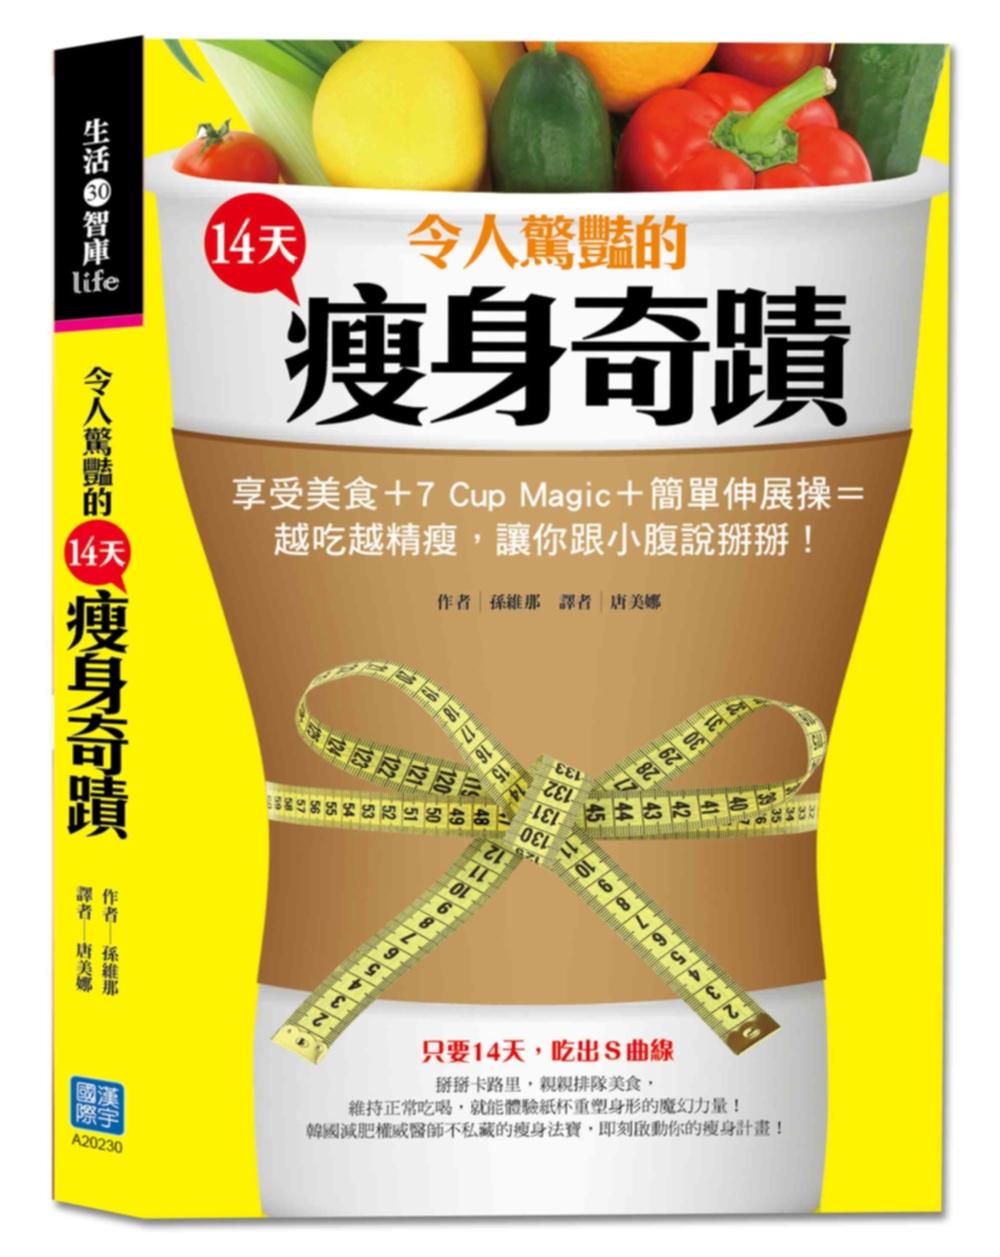 令人驚豔的14天瘦身奇蹟:享受美食+7 Cup Magic+簡單伸展操=越吃越精瘦,讓你跟小腹說掰掰週!